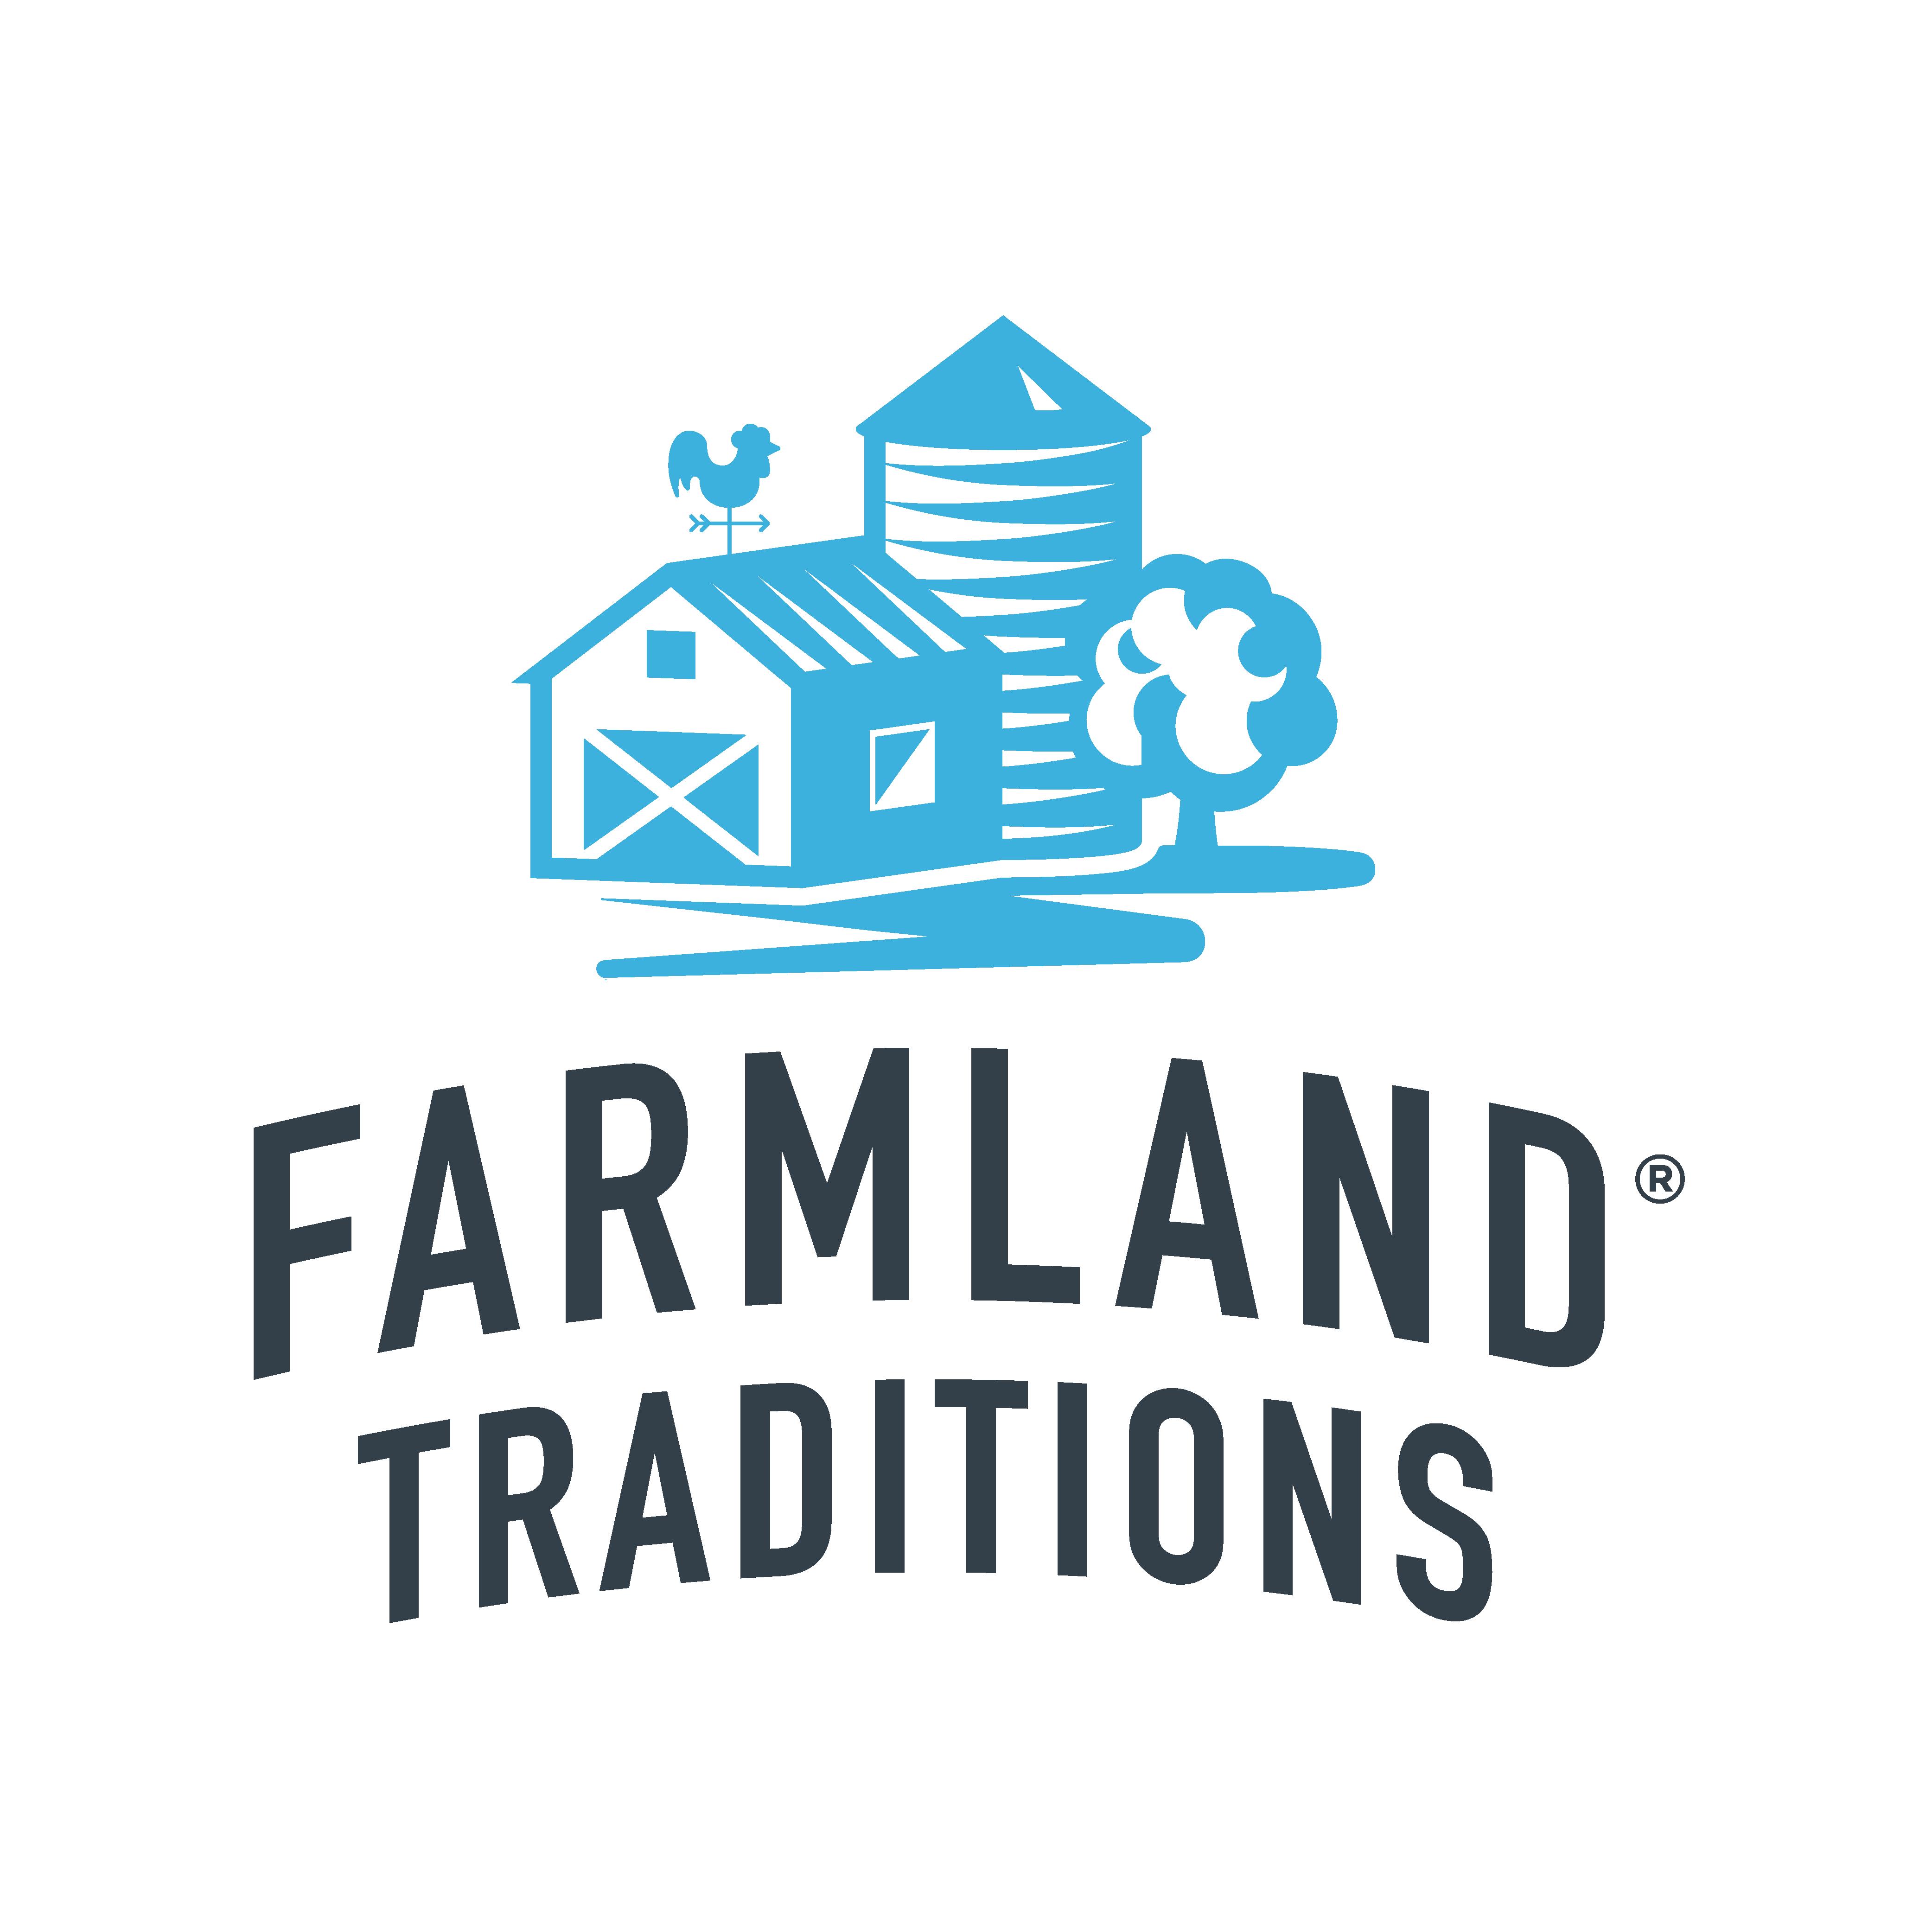 Farmland Traditions